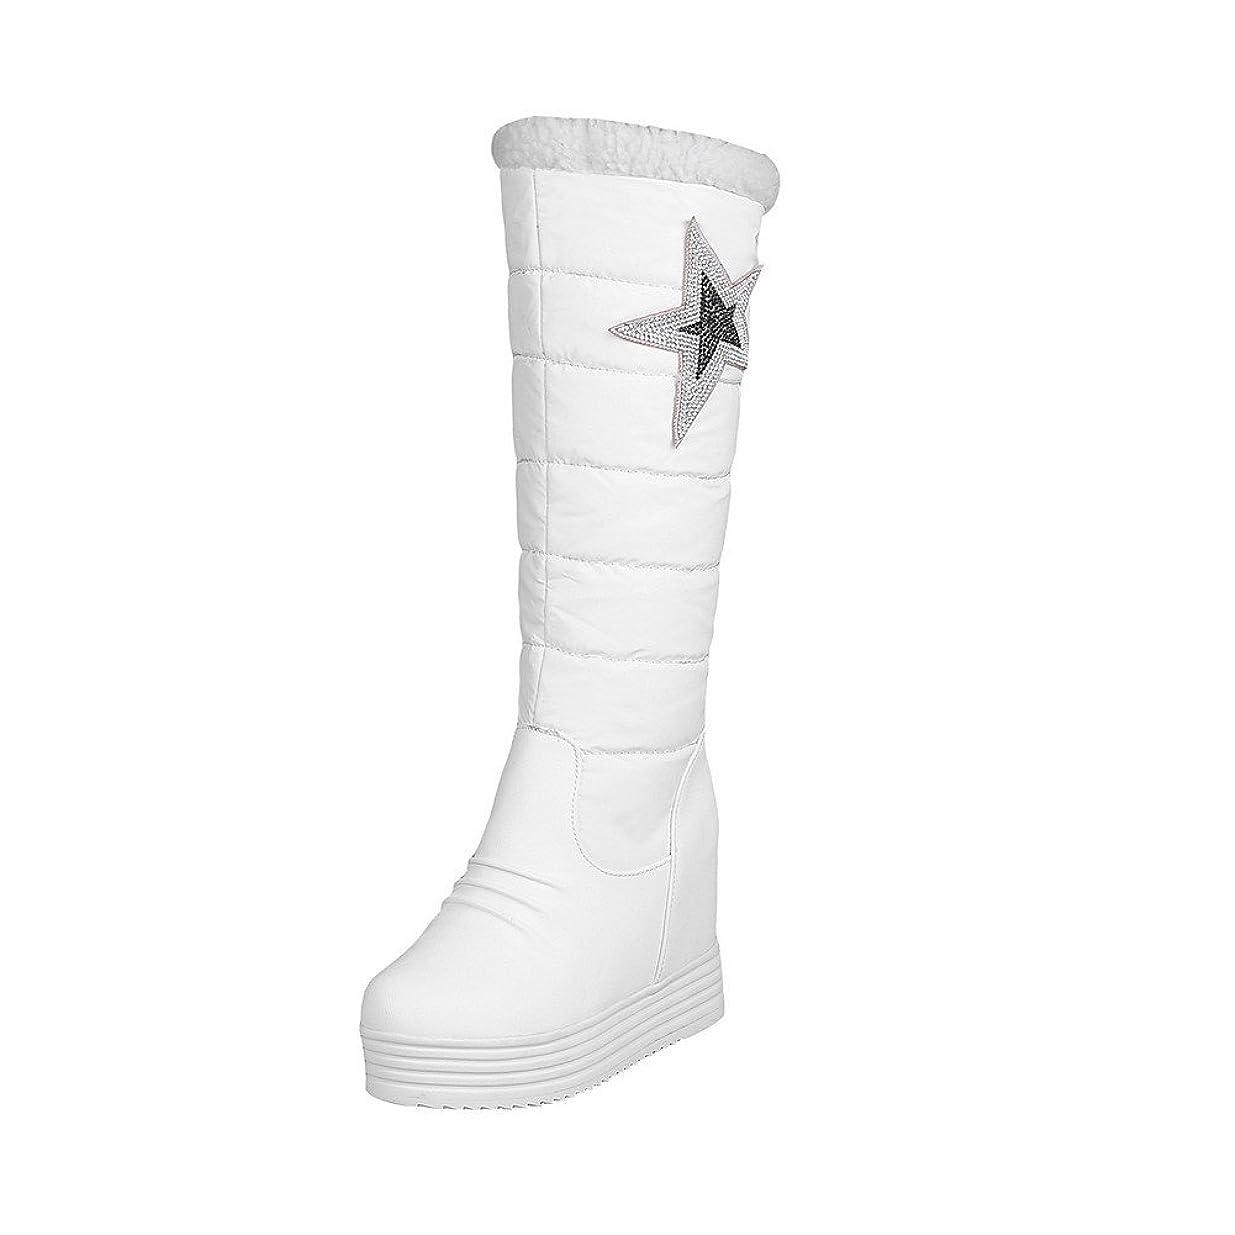 マイルド英語の授業があります木材(ウンファッション) WeenFashion 女性用 星 インヒール 長靴